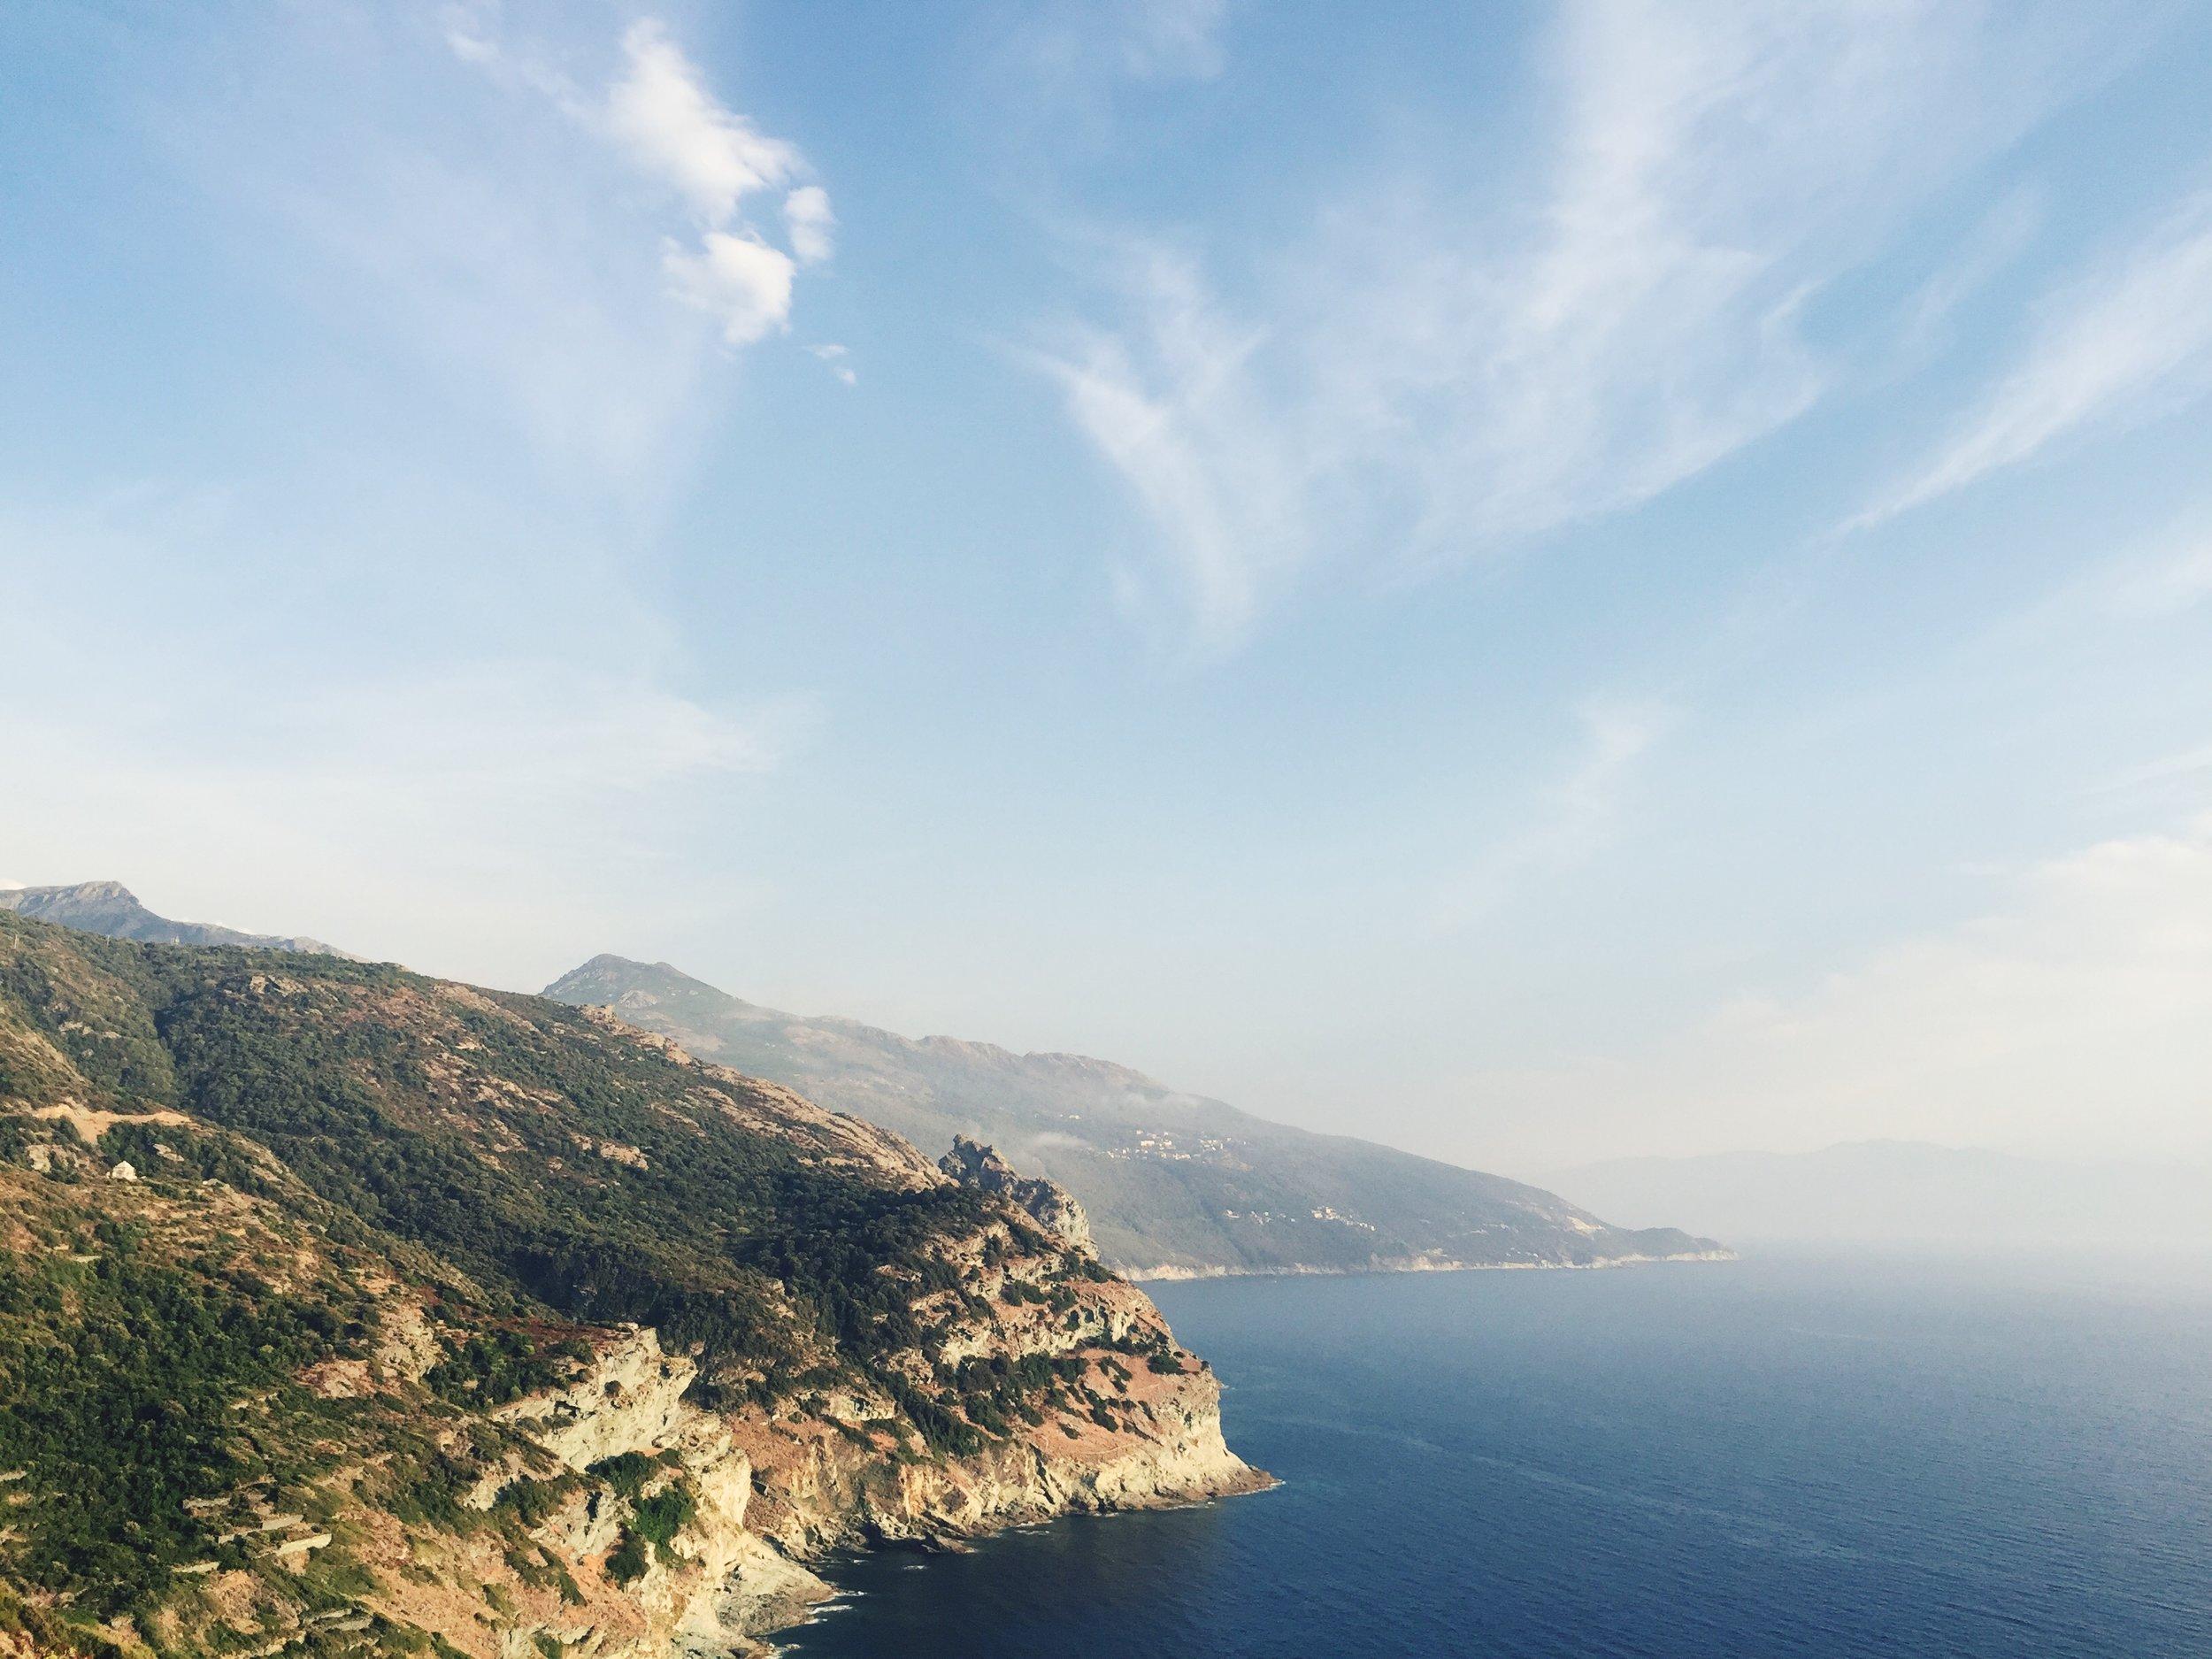 La journée s'achève - sur la Côte Ouest du Cap Corse